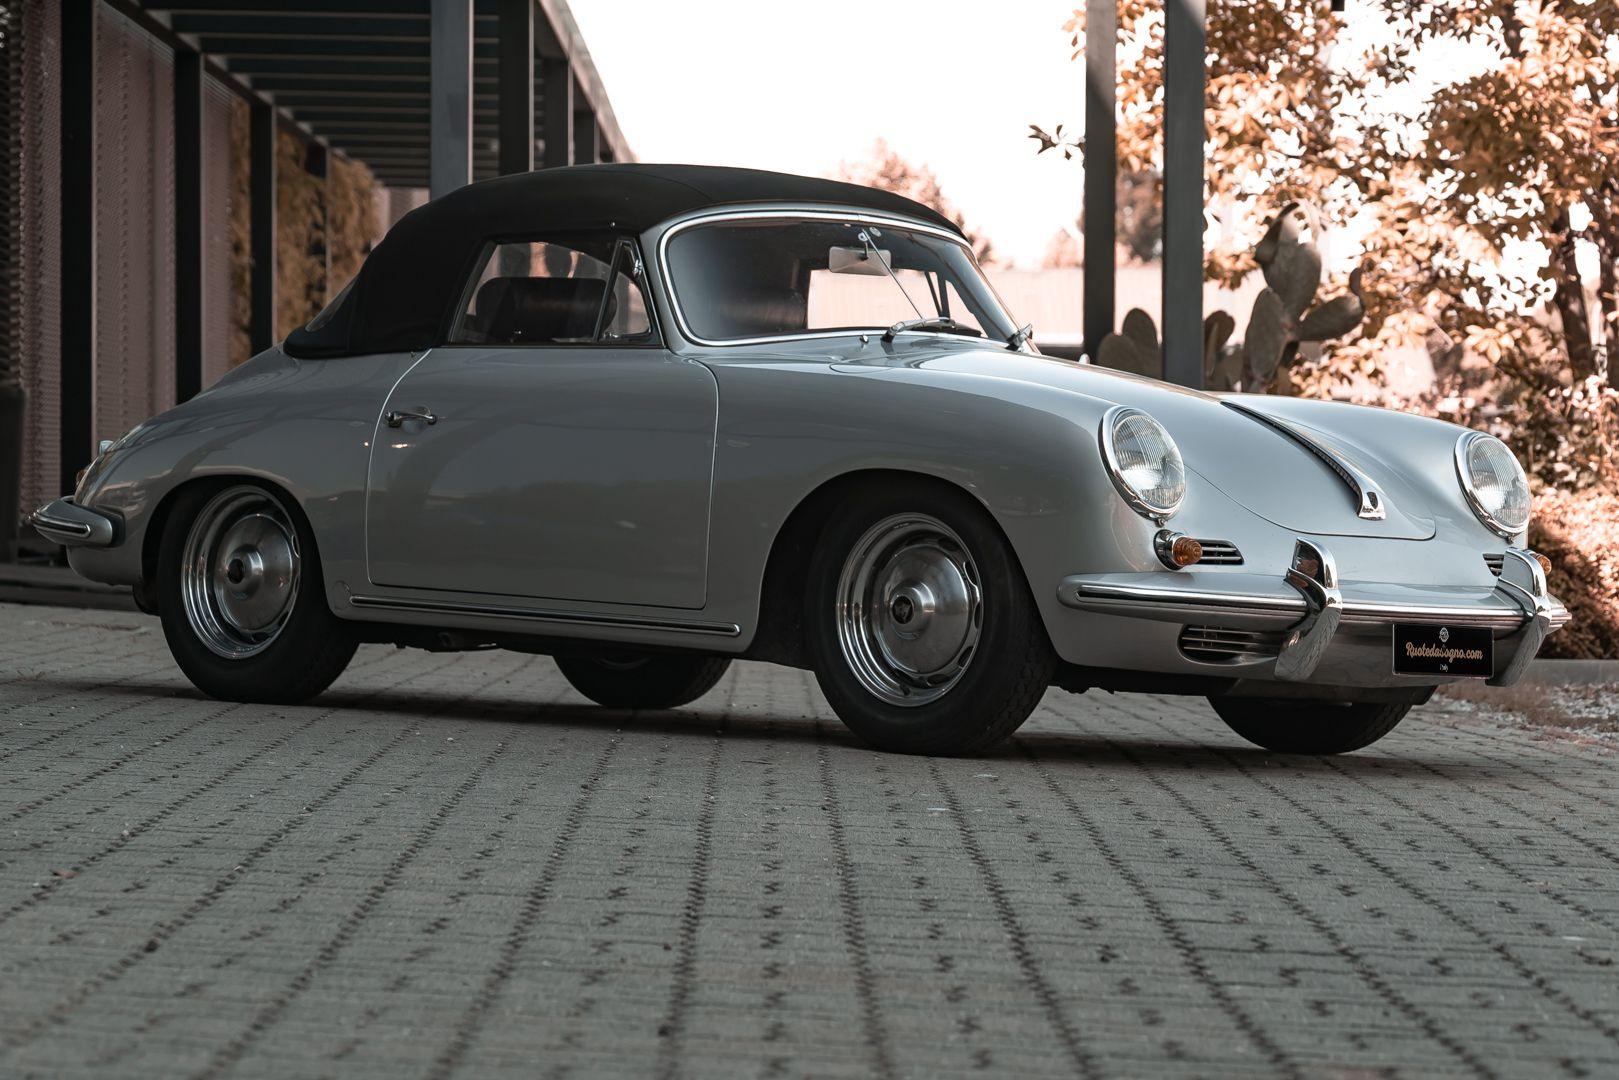 1963 Porsche 356 B 1600 S Cabriolet 76207